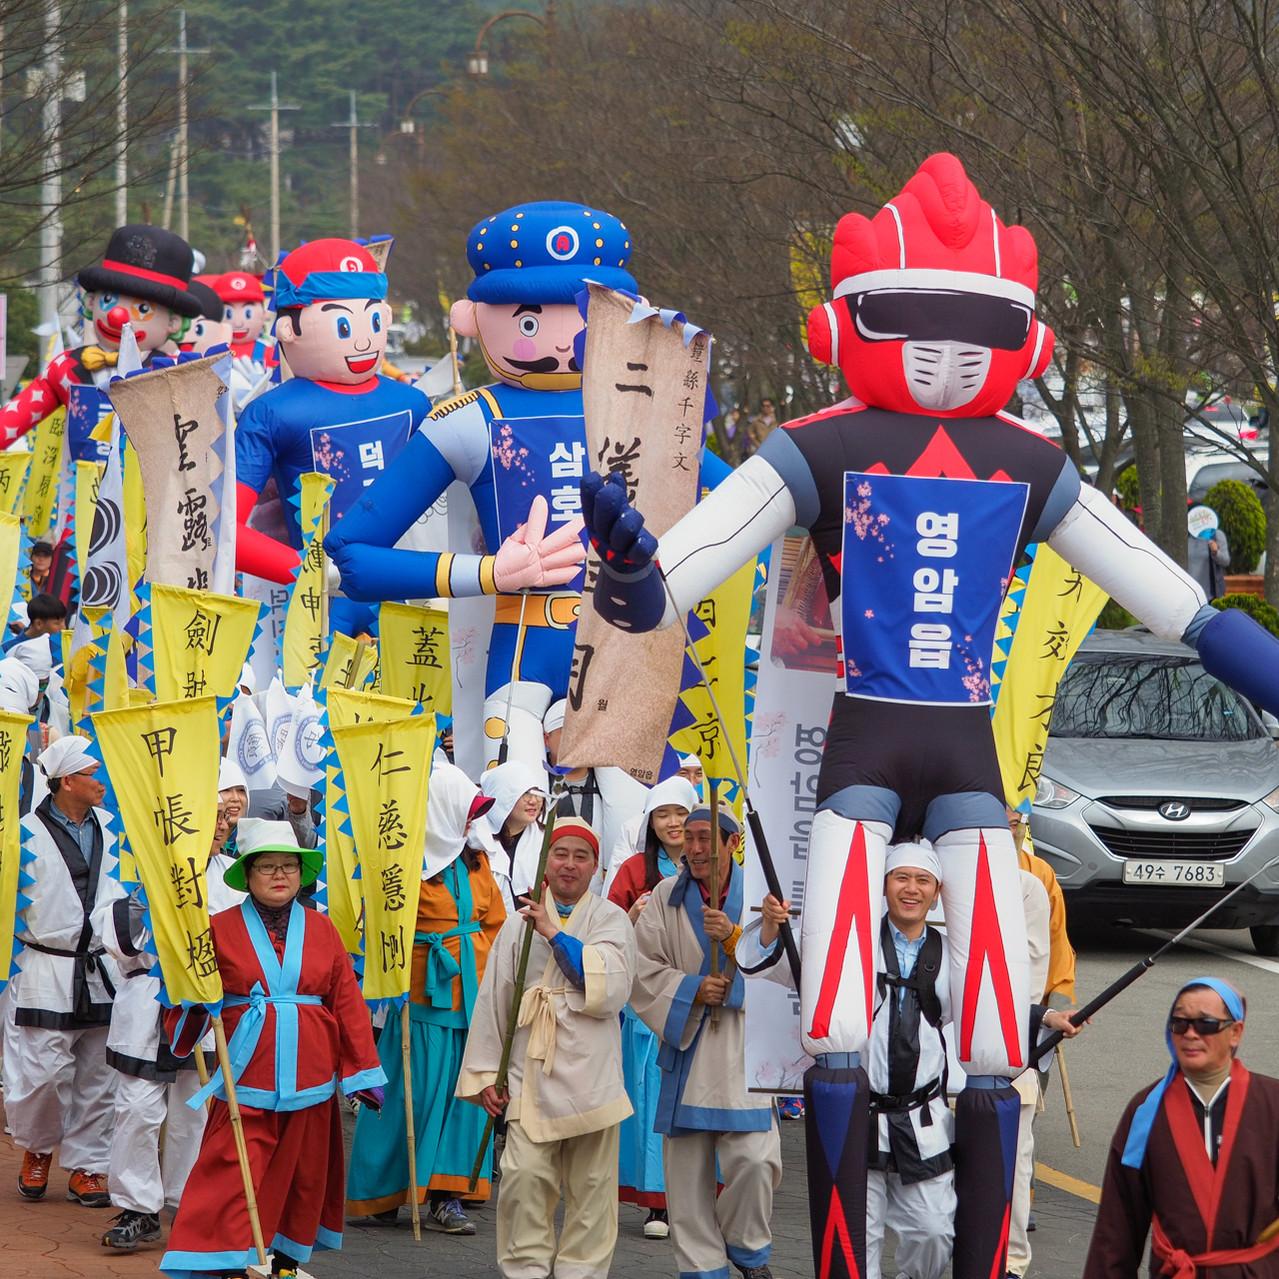 KOREAN PARADE BIG WALKING CHARACTERS